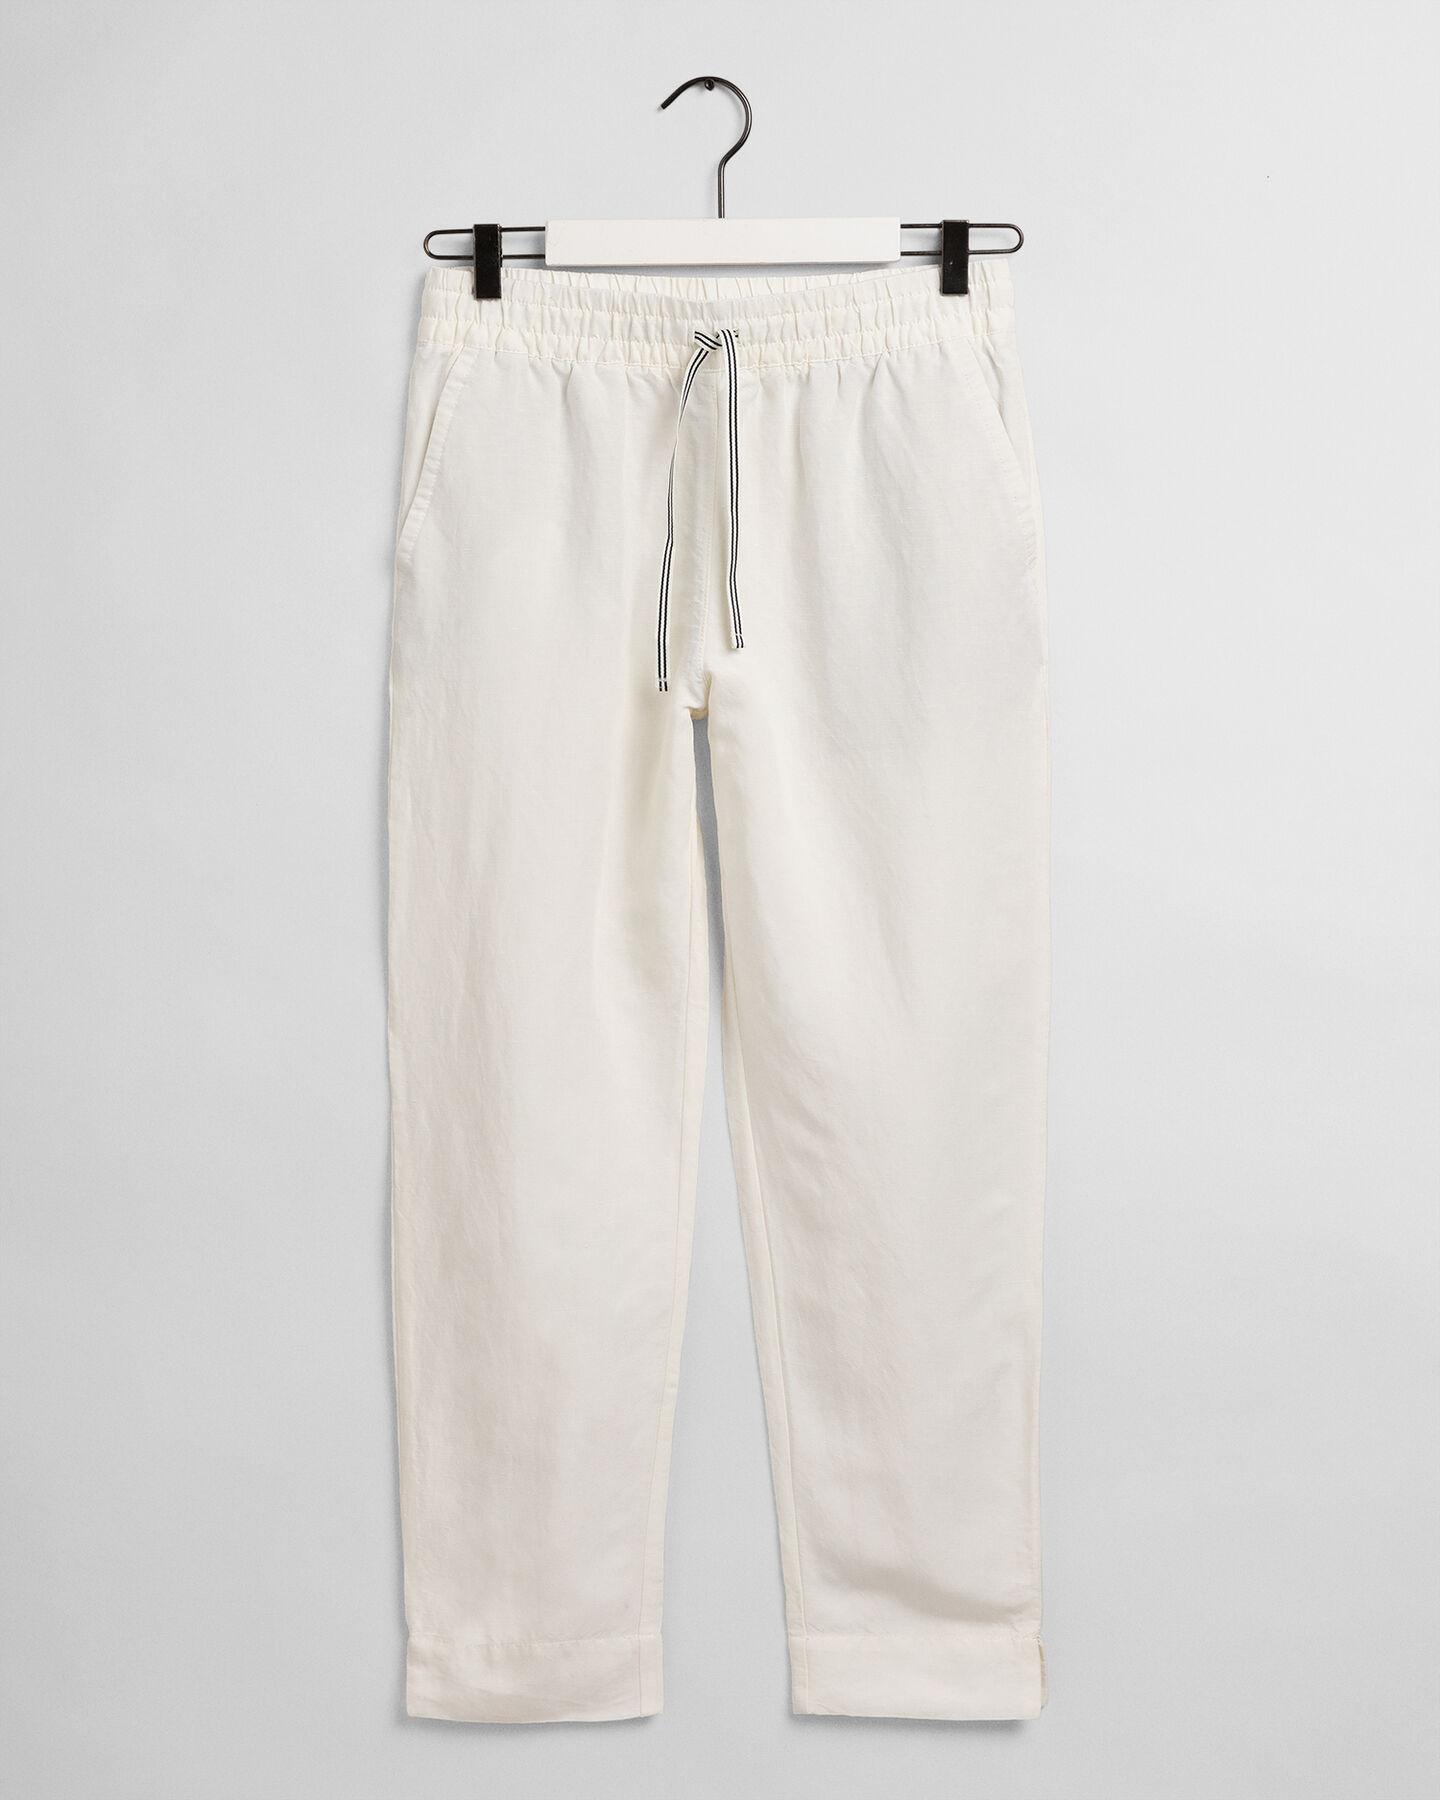 Dra på-byxor i linne